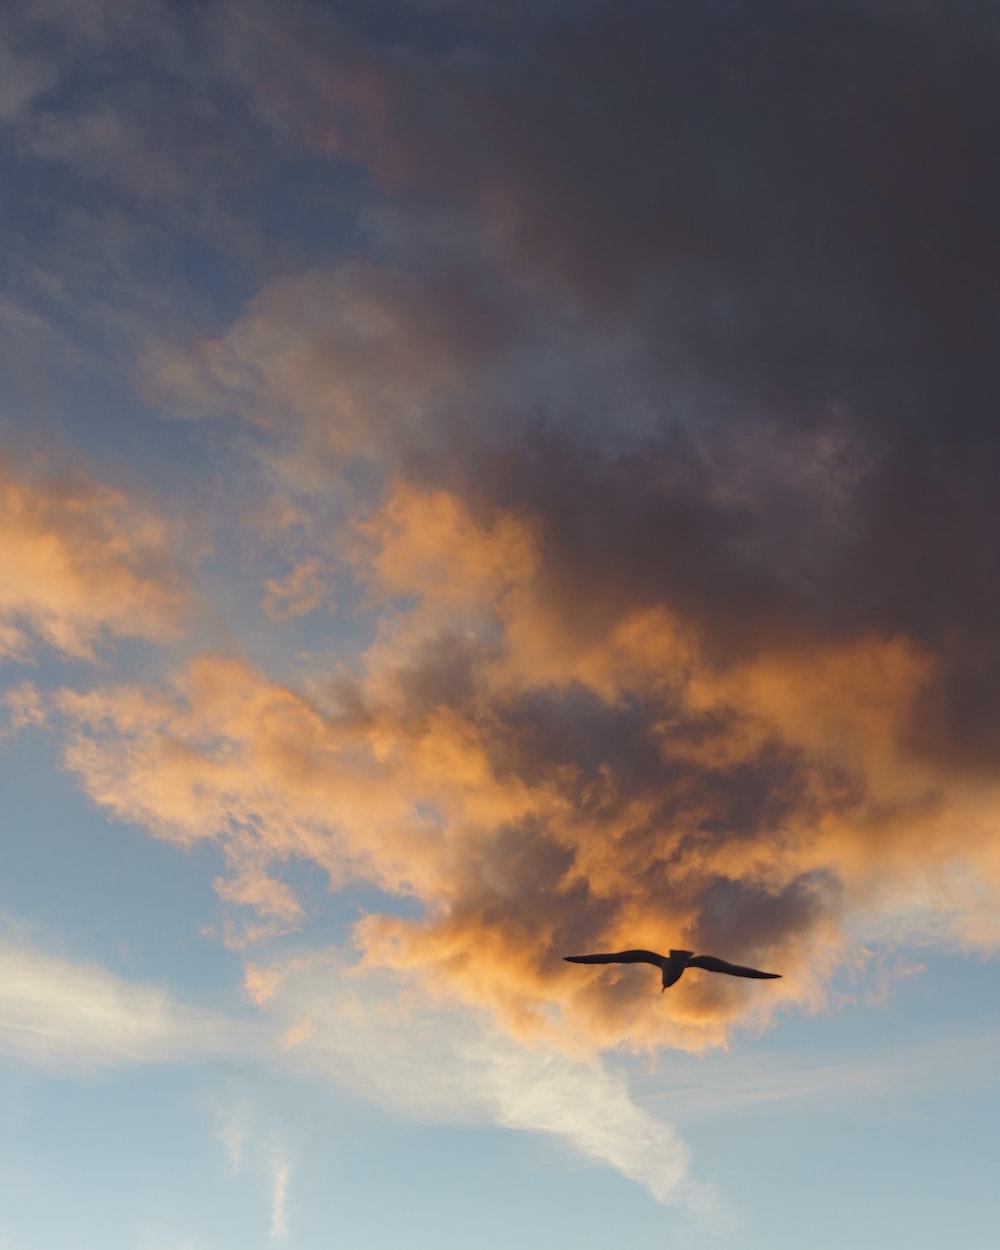 black bird flying at sky